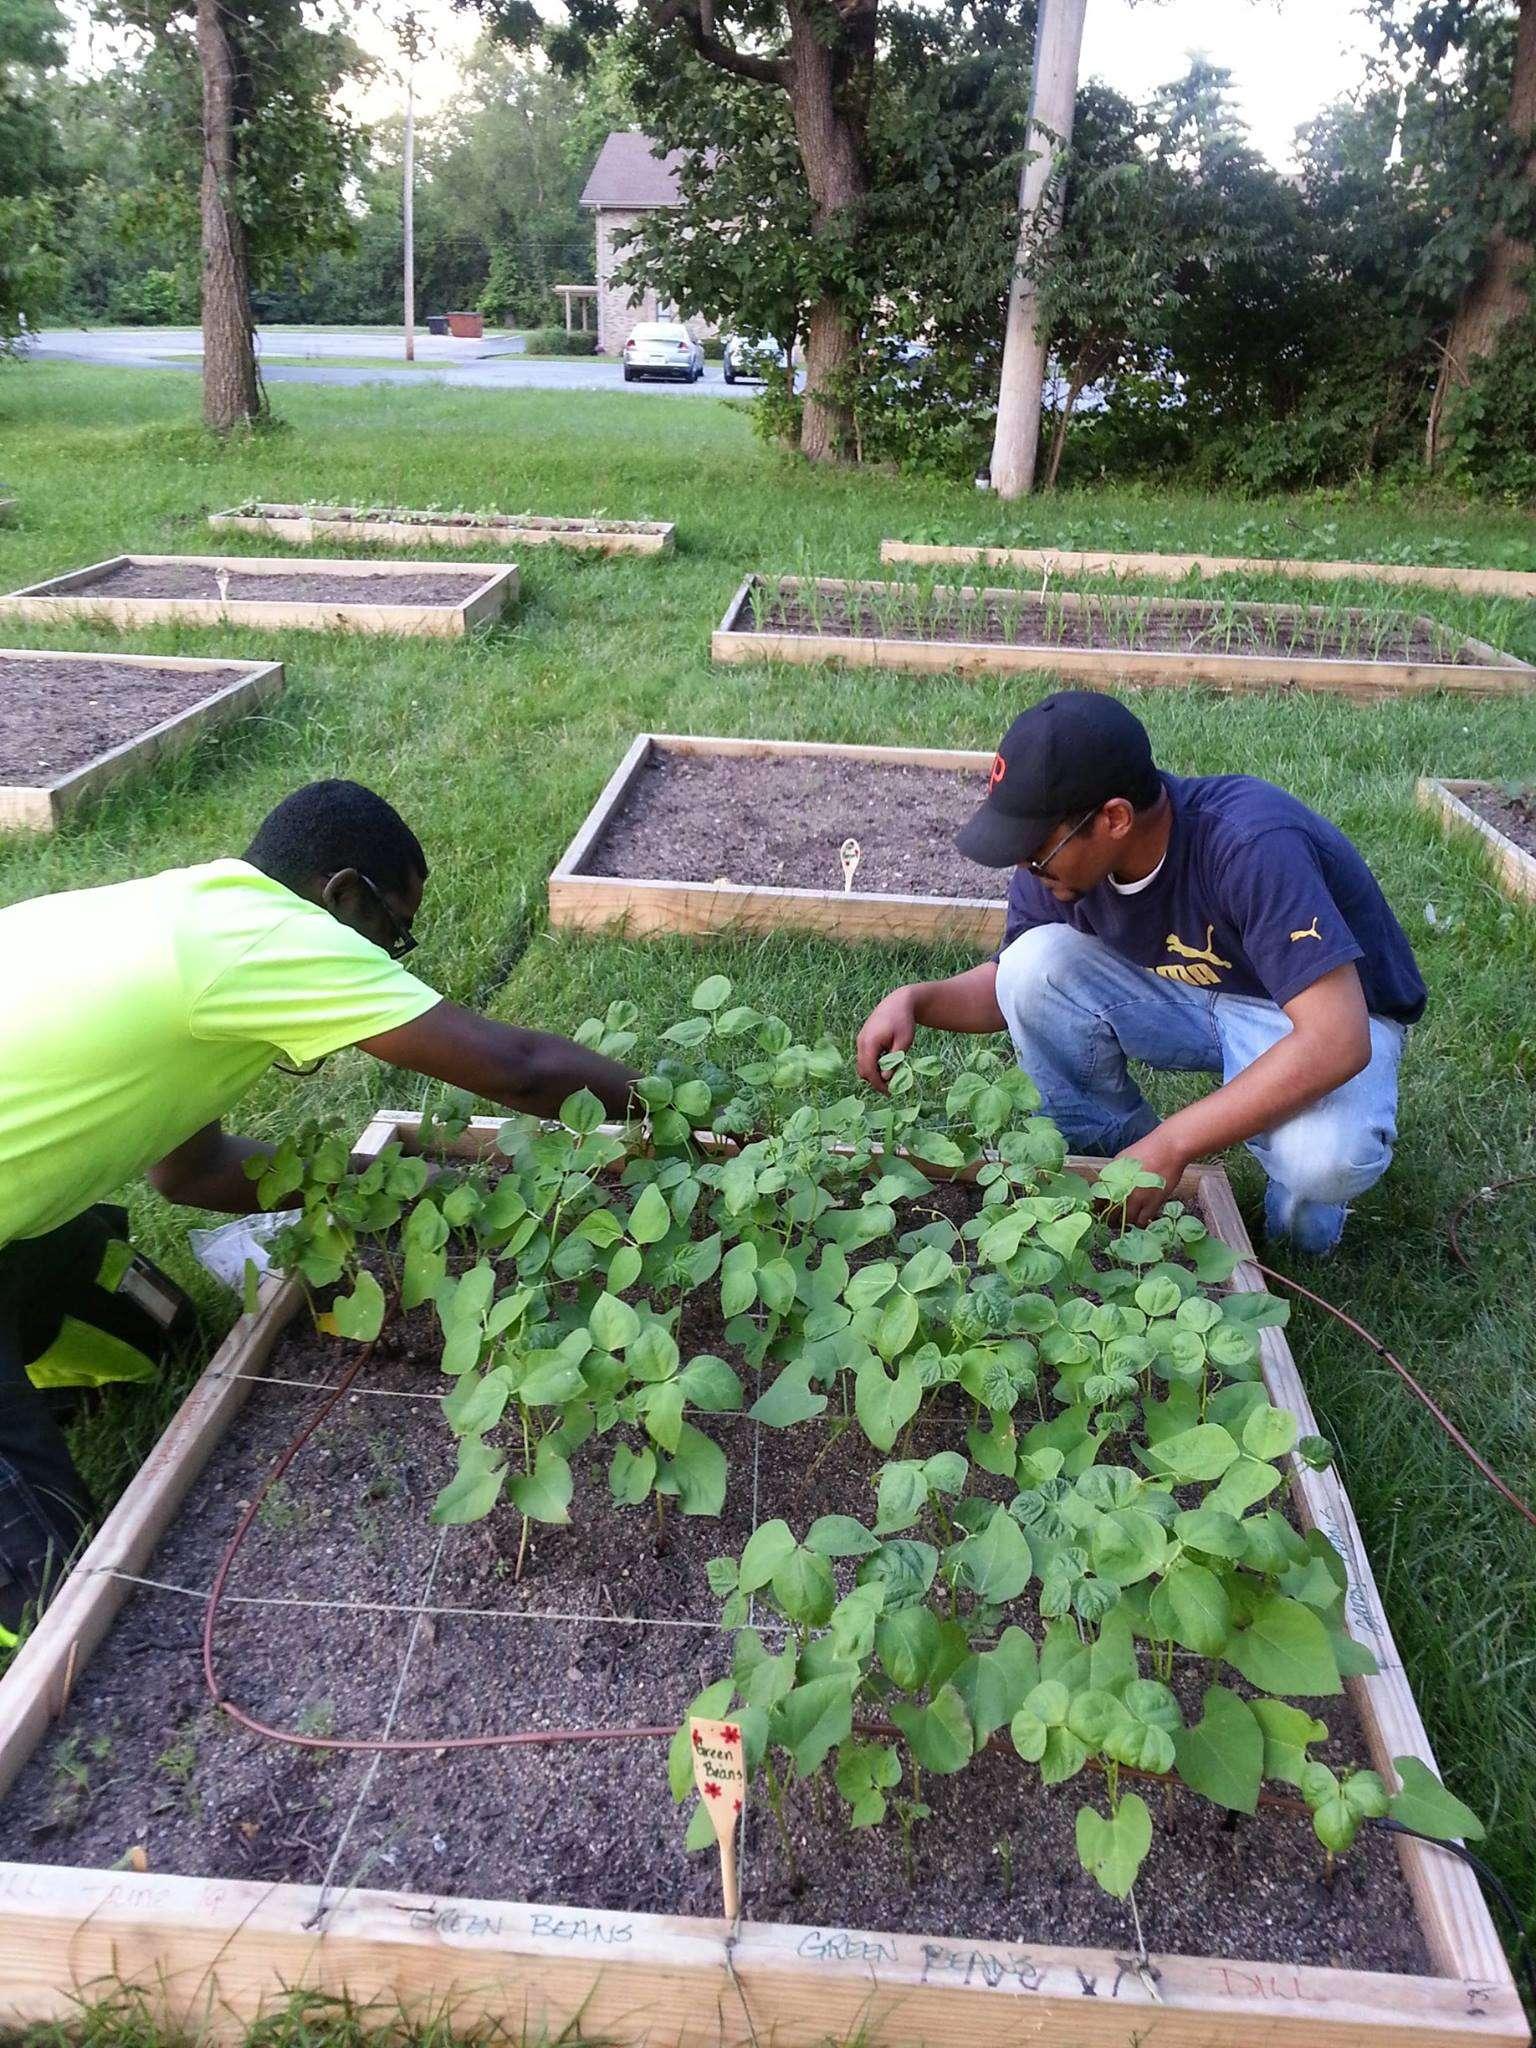 CMN Memorial Community Garden